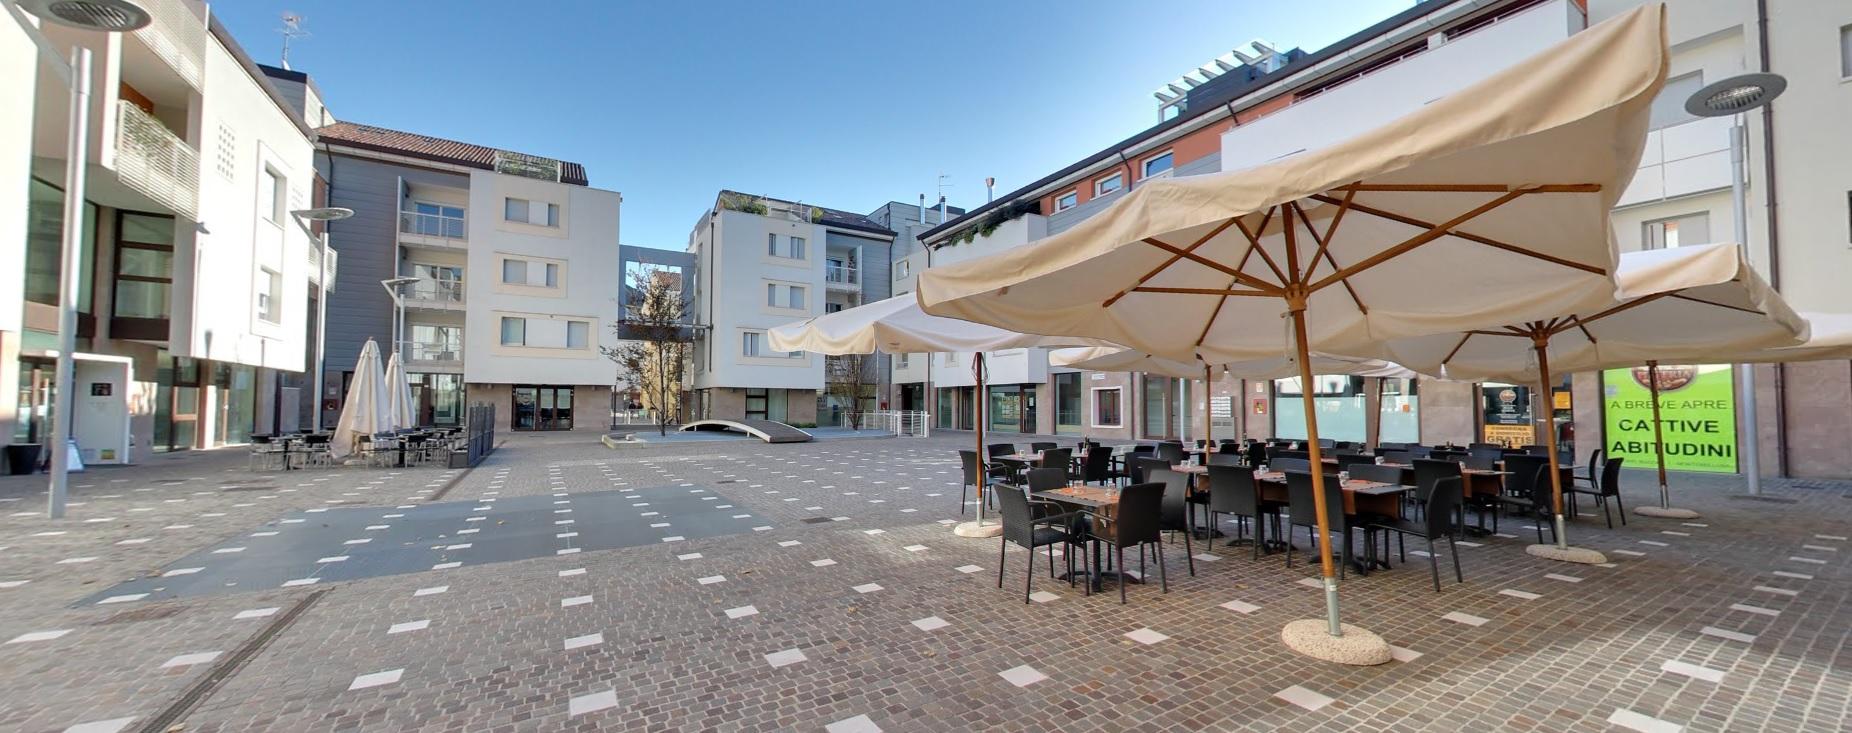 Nuova sede acli a montebelluna for B b mobili montebelluna